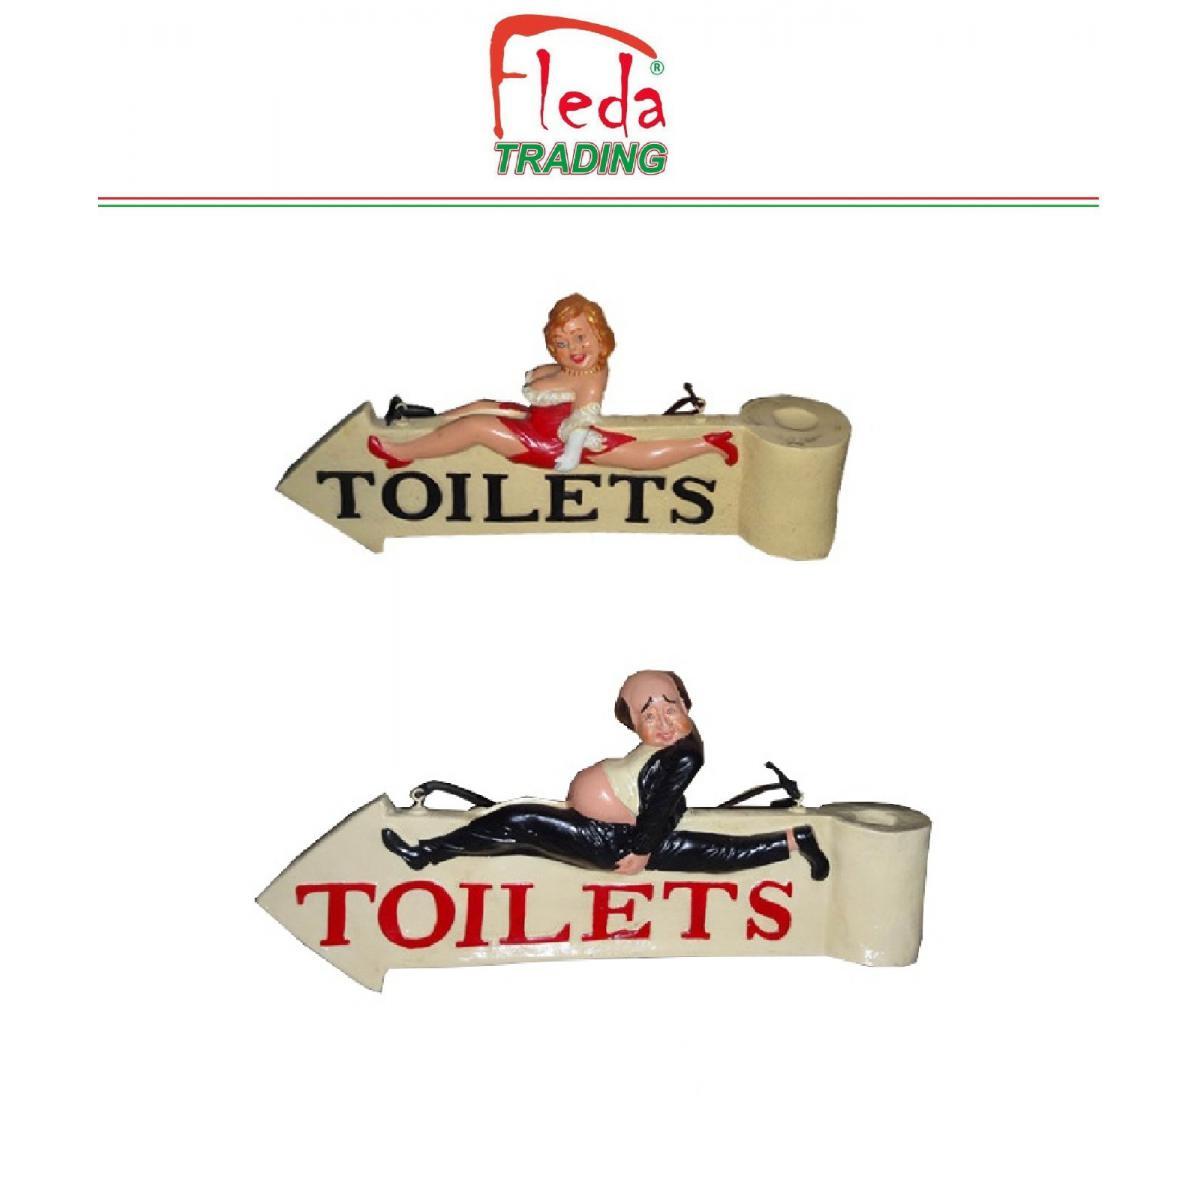 Fleda Trading Toilette de porte extérieure - Indicateurs WC - 2 enseignes en résine HOMME / FEMME, dim.cm. 60x28h